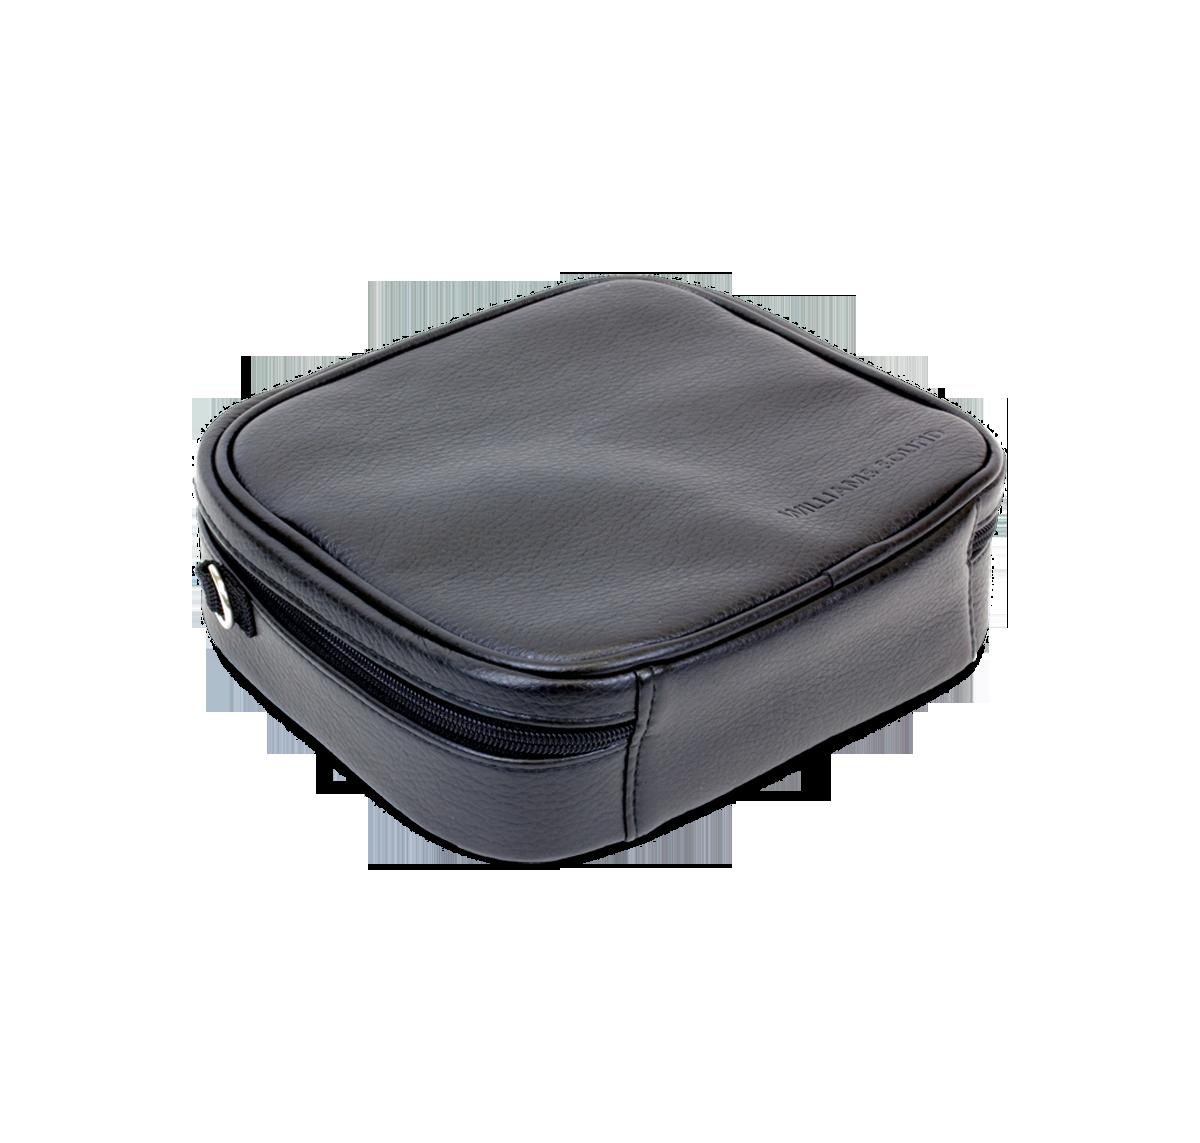 W-CCS 043 Leatherette case